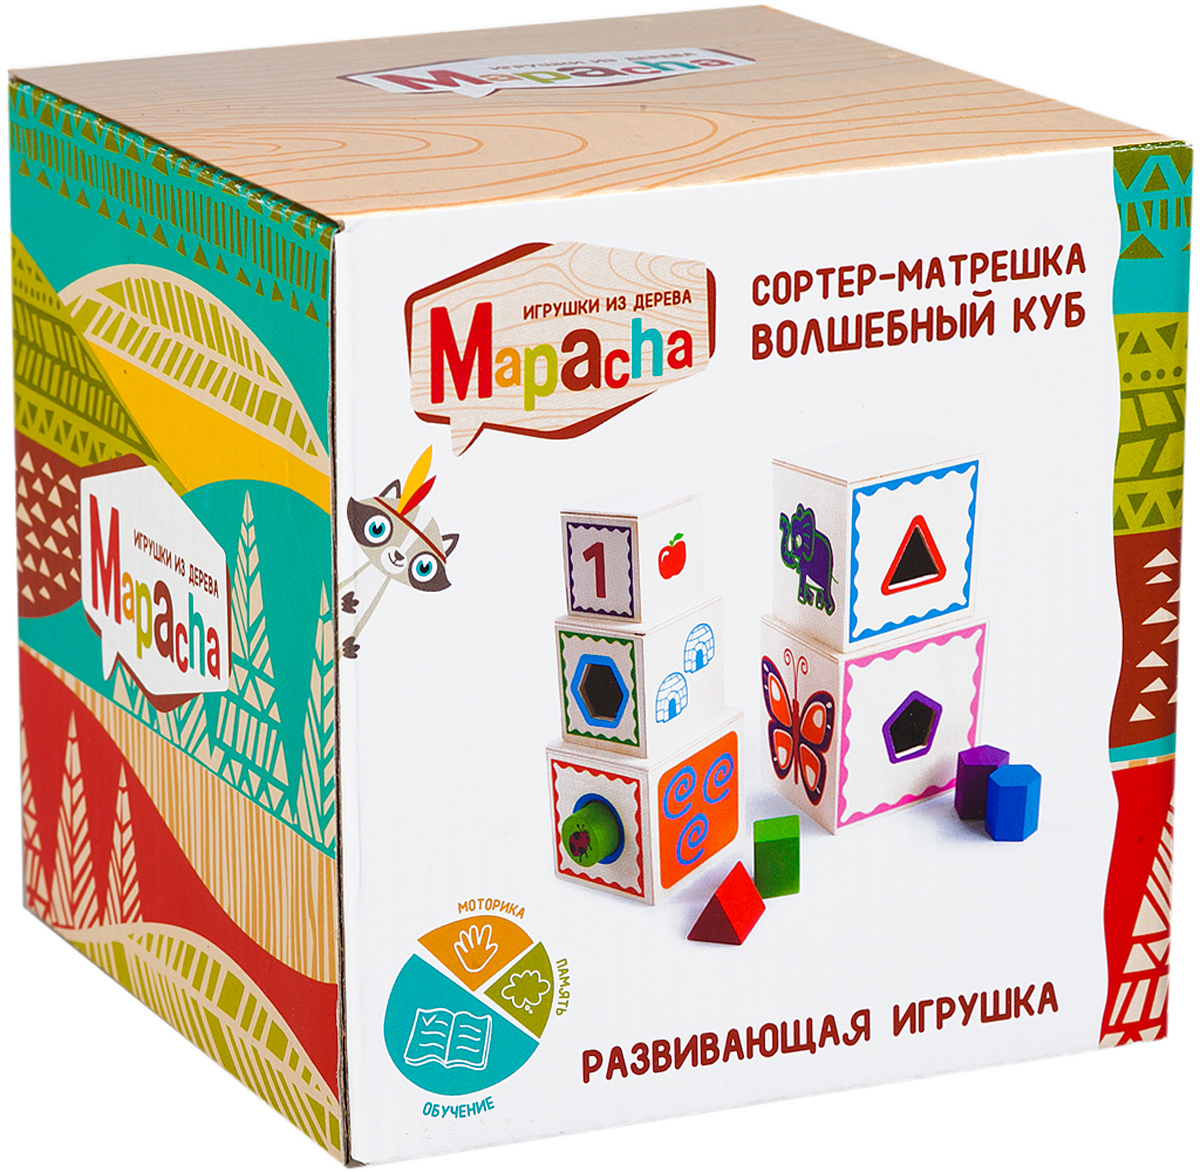 Mapacha Обучающая игра Сортер-матрешка Волшебный куб #1